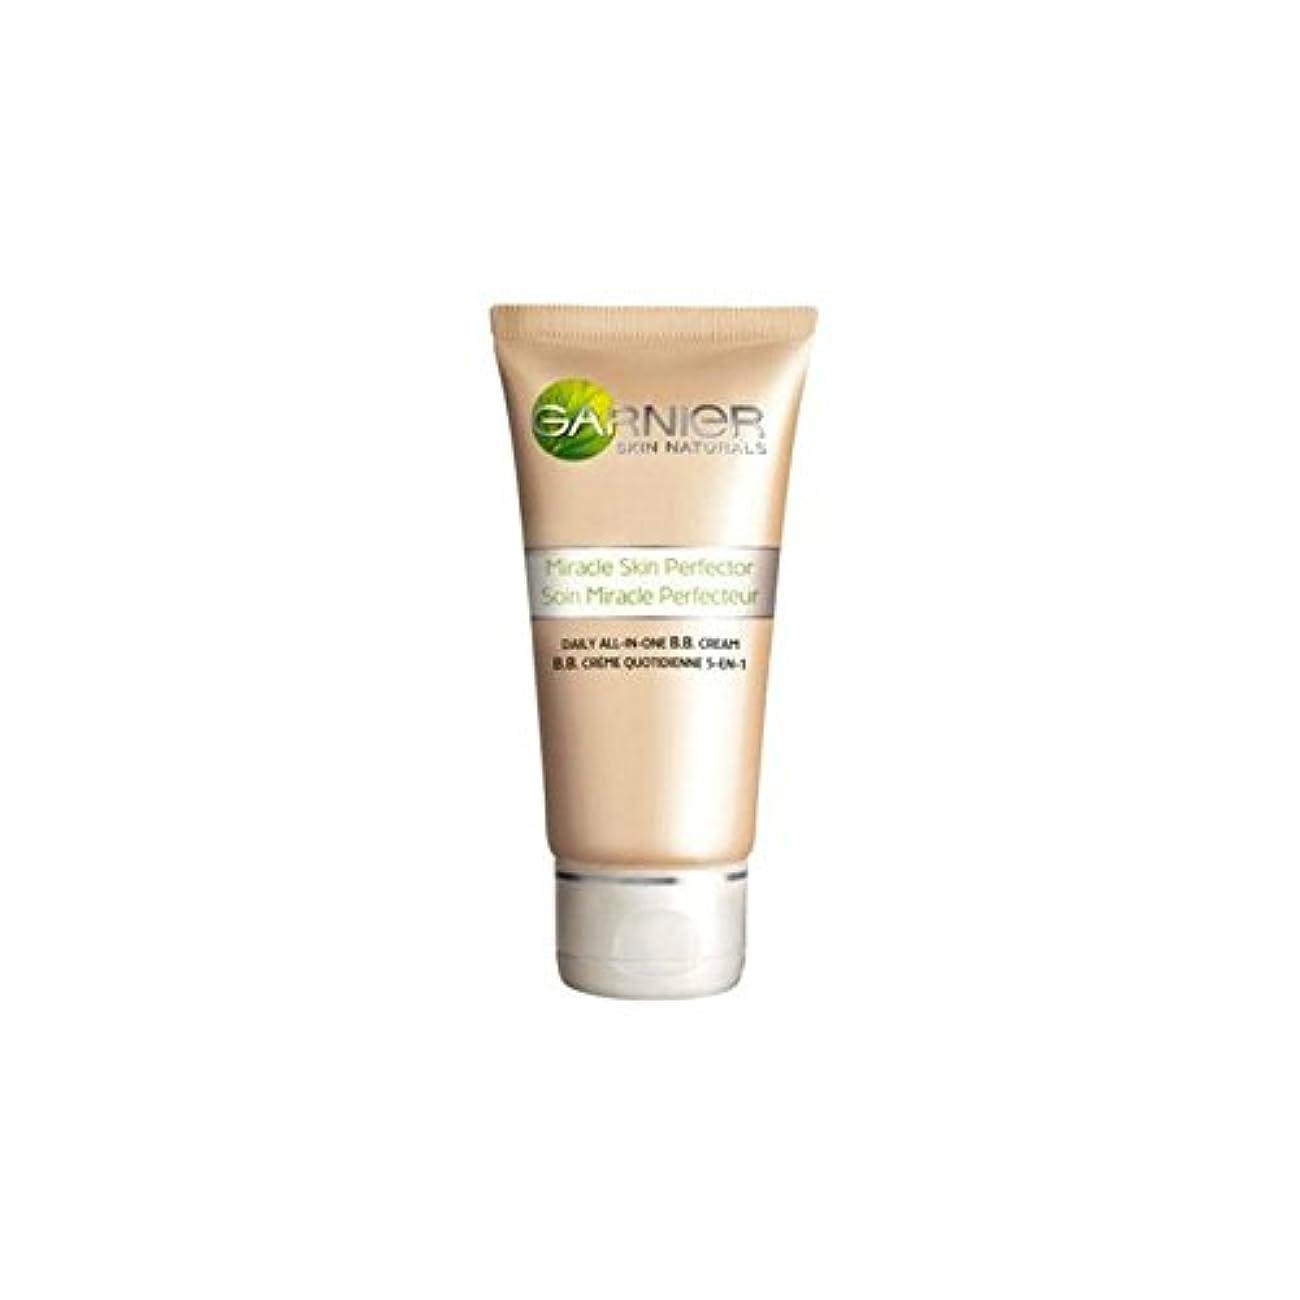 平和なジャグリングアラスカGarnier Original Medium Bb Cream (50ml) - ガルニエオリジナル媒体クリーム(50)中 [並行輸入品]